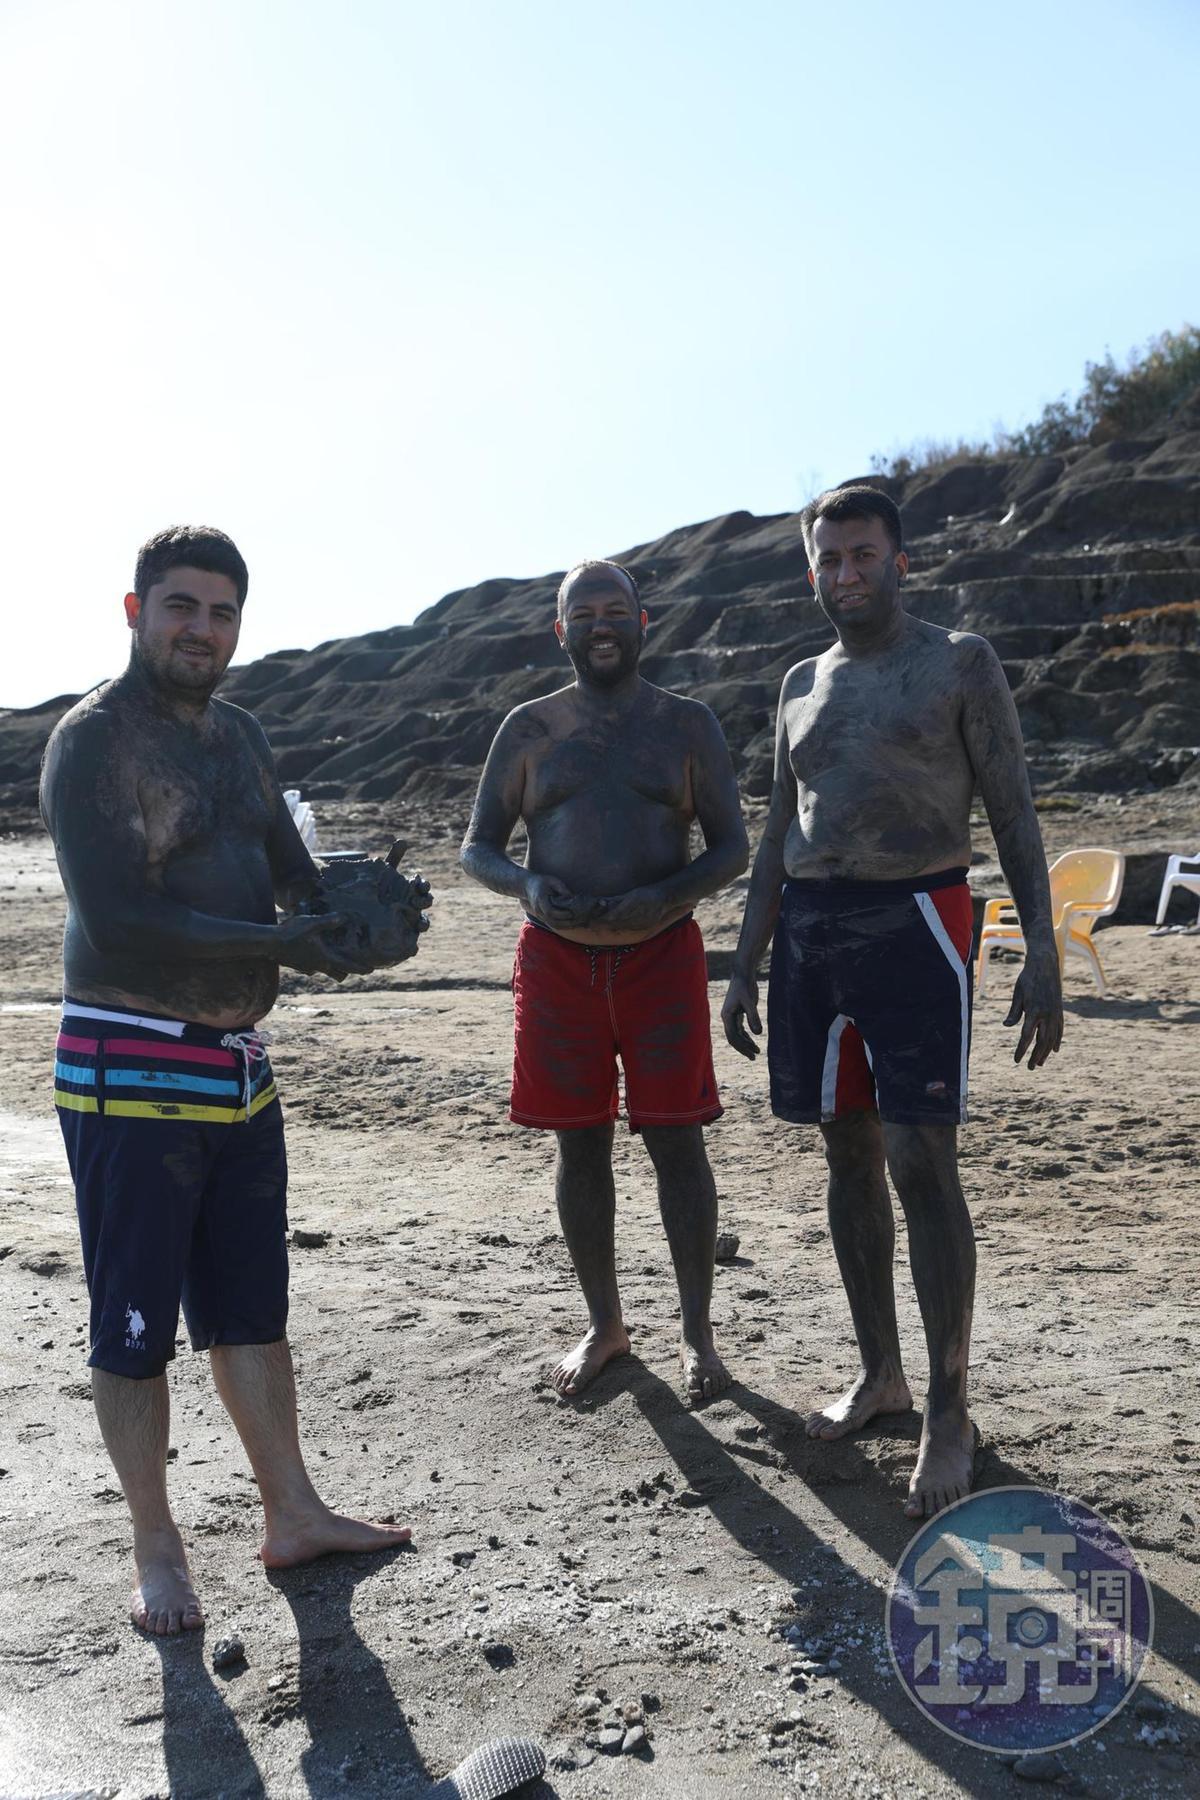 即使是一群大男人,也把全身塗得黑漆漆的,說是對皮膚很好。